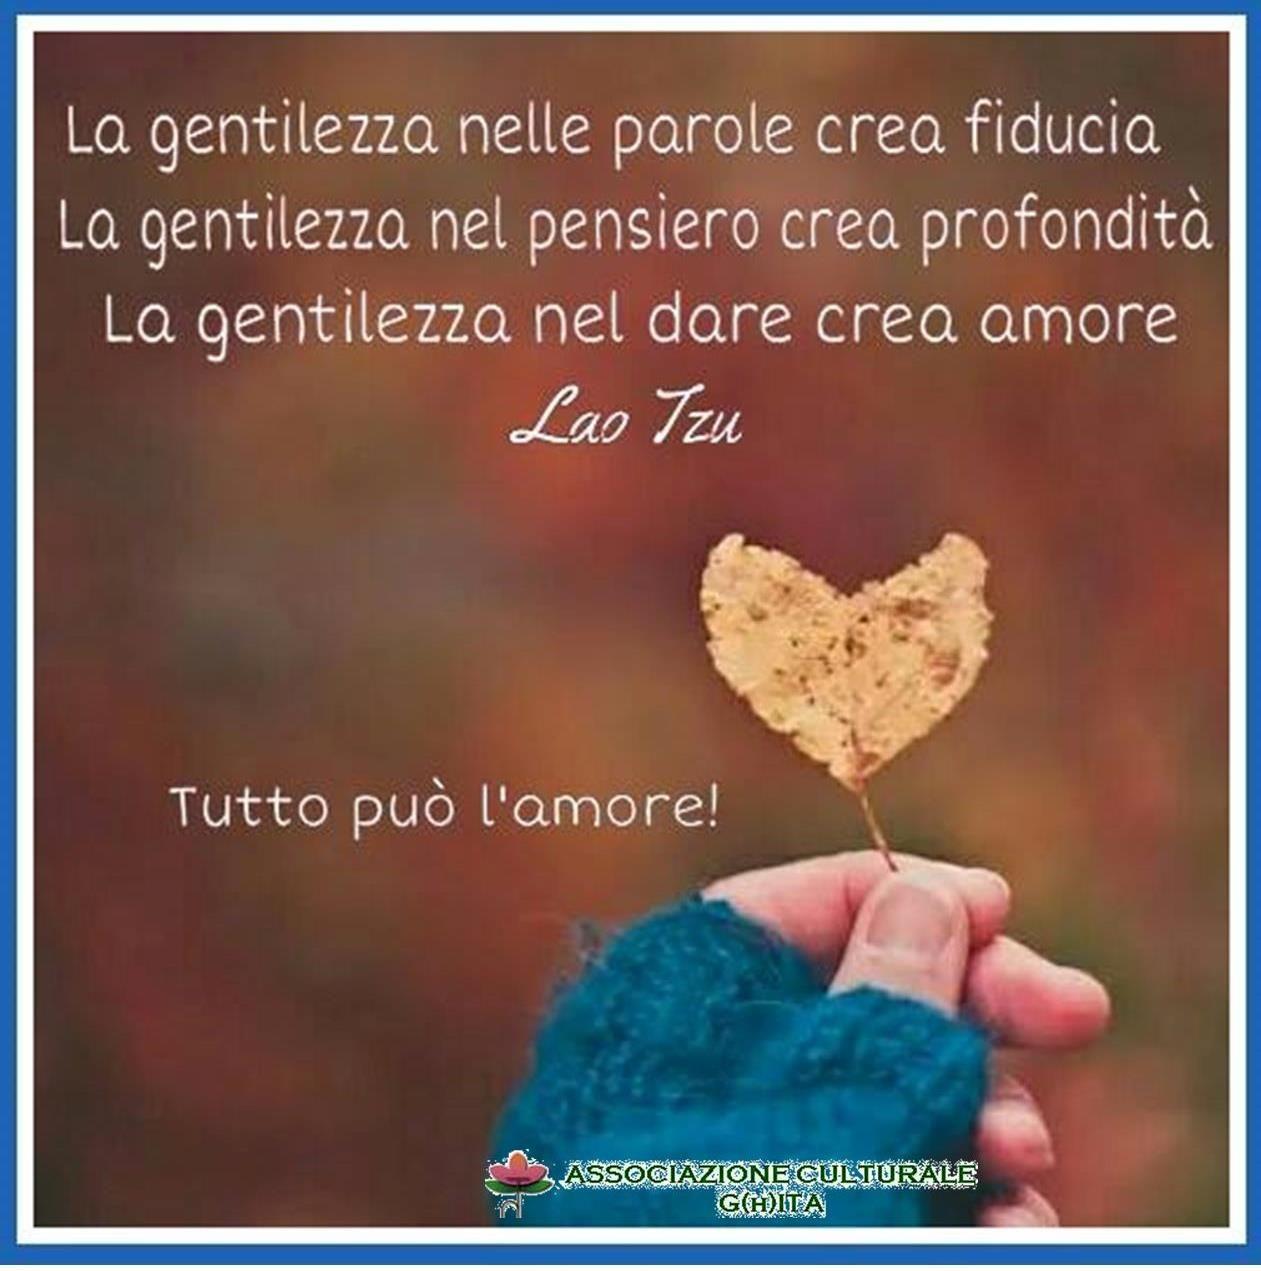 La Gentilezza Fiducia Profondità Amore Lao Tzu